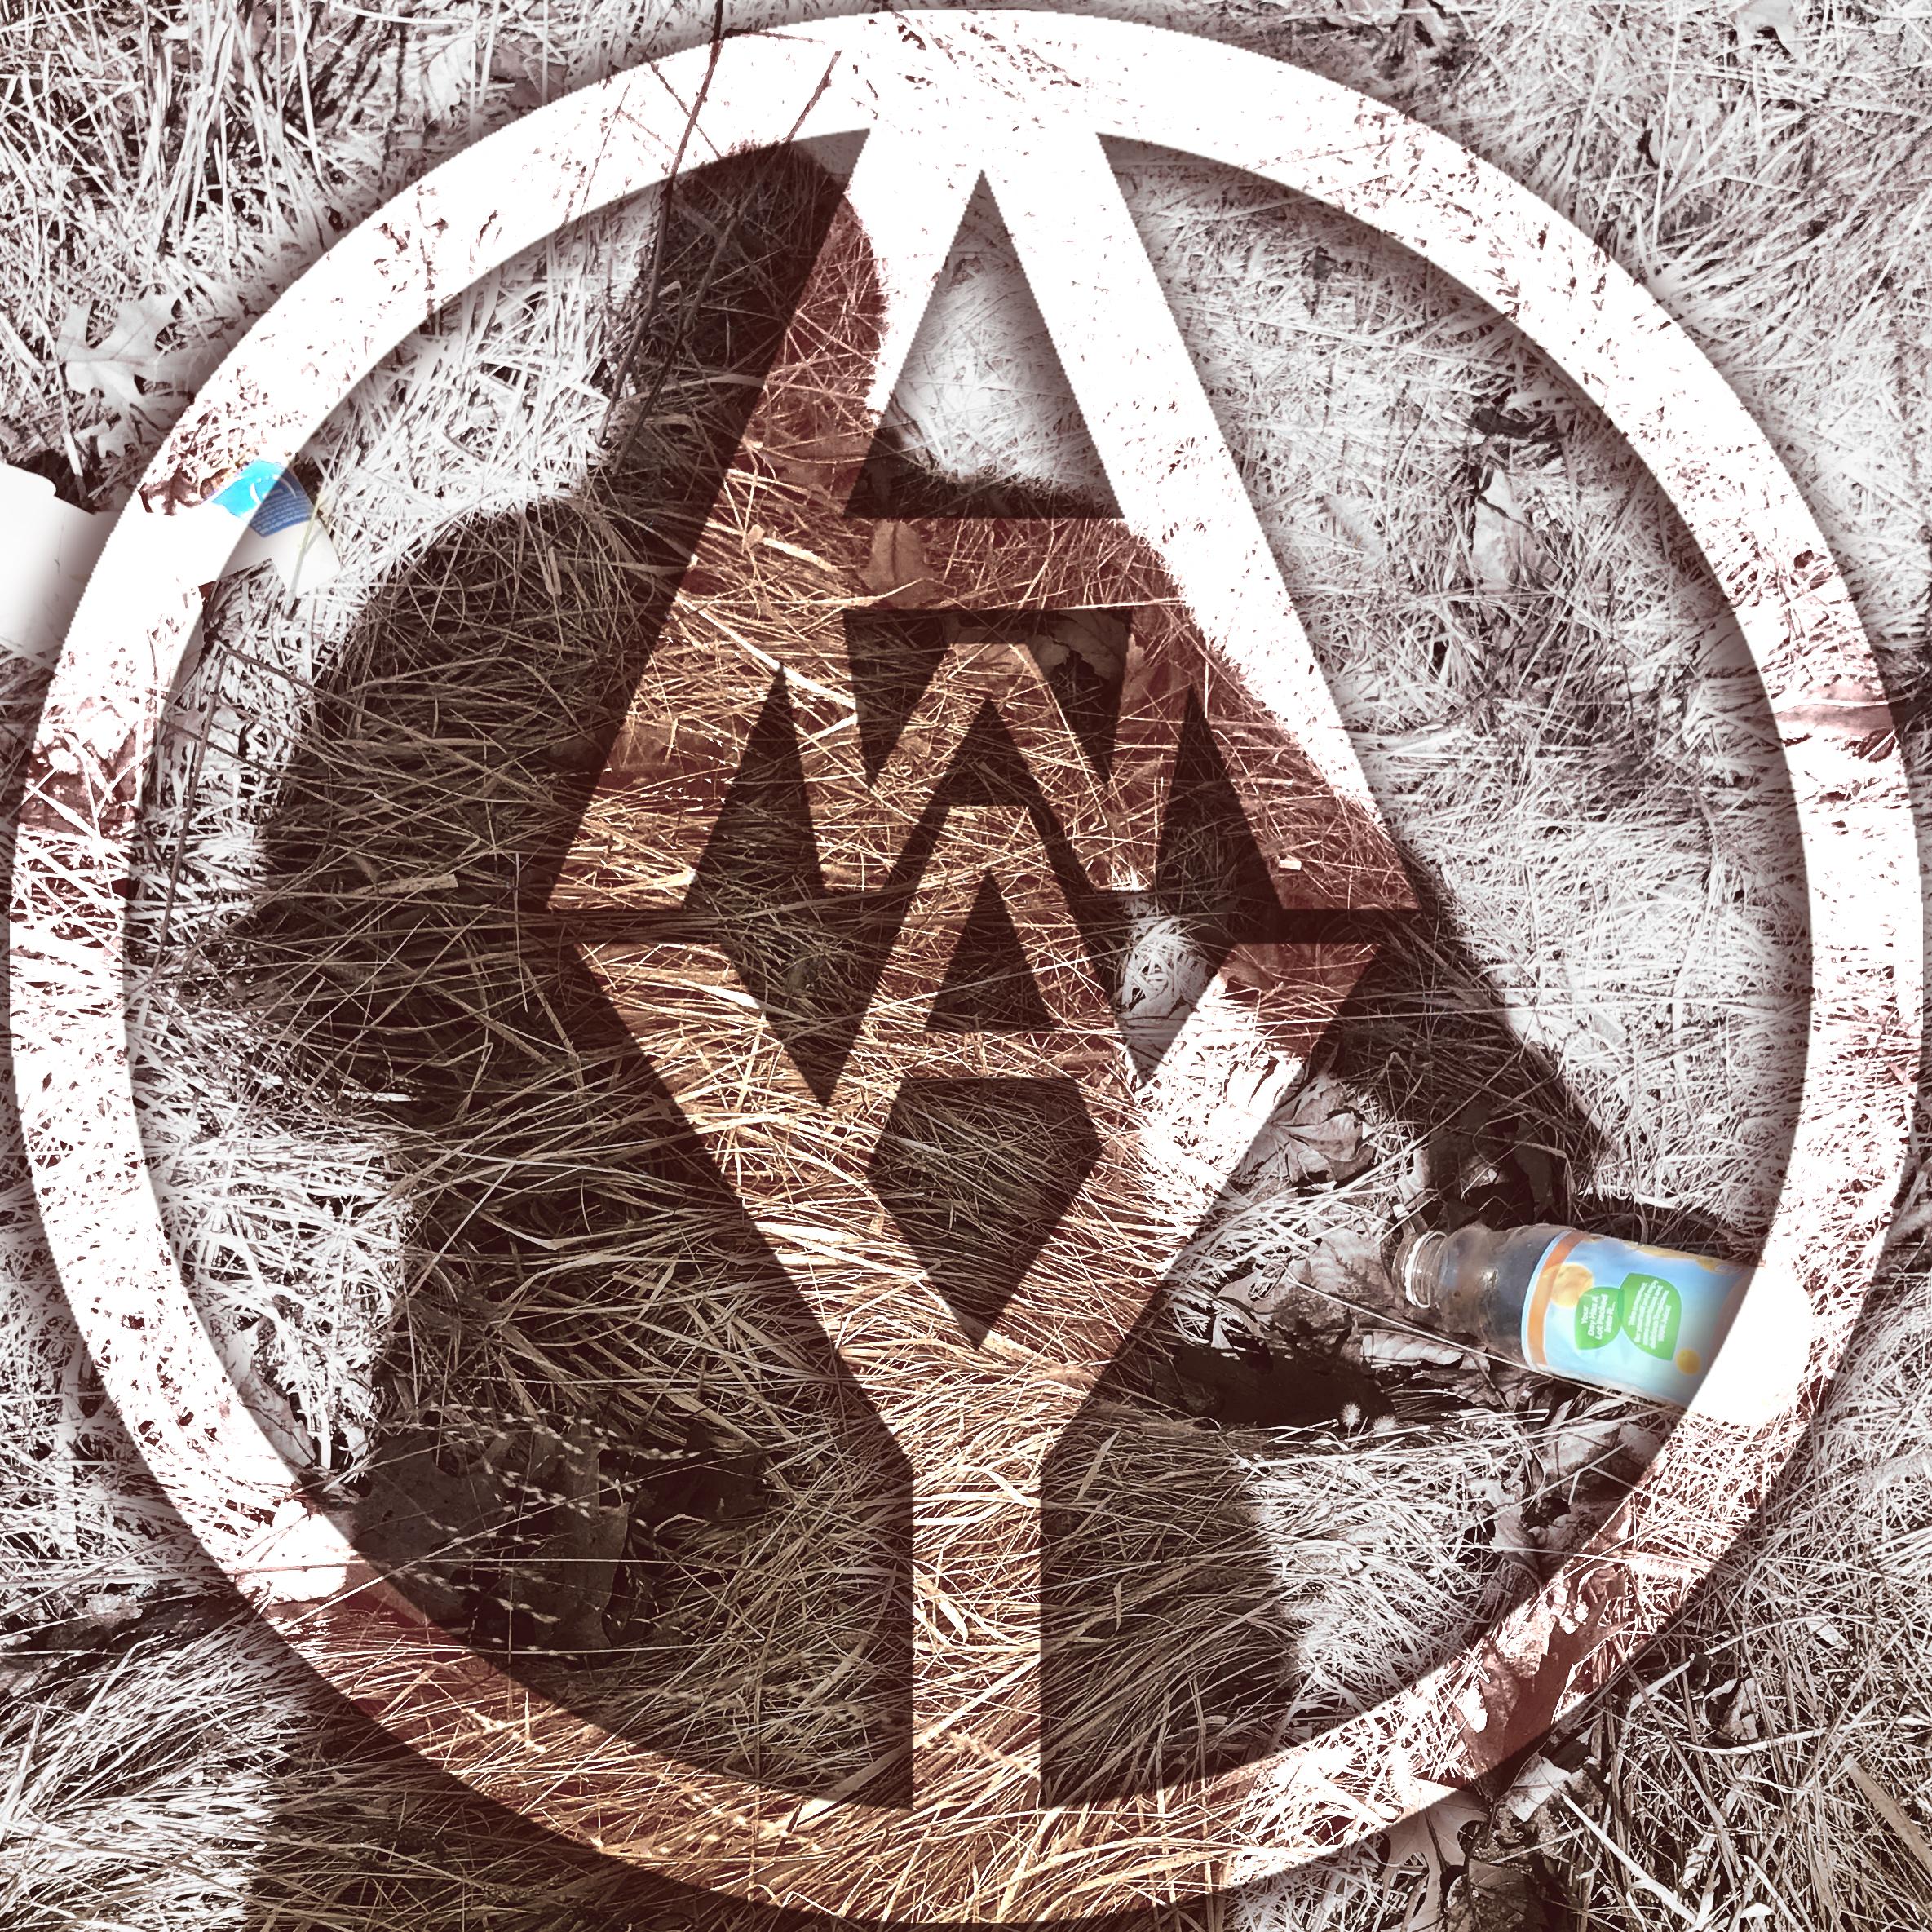 AWAY Circle Profile Image